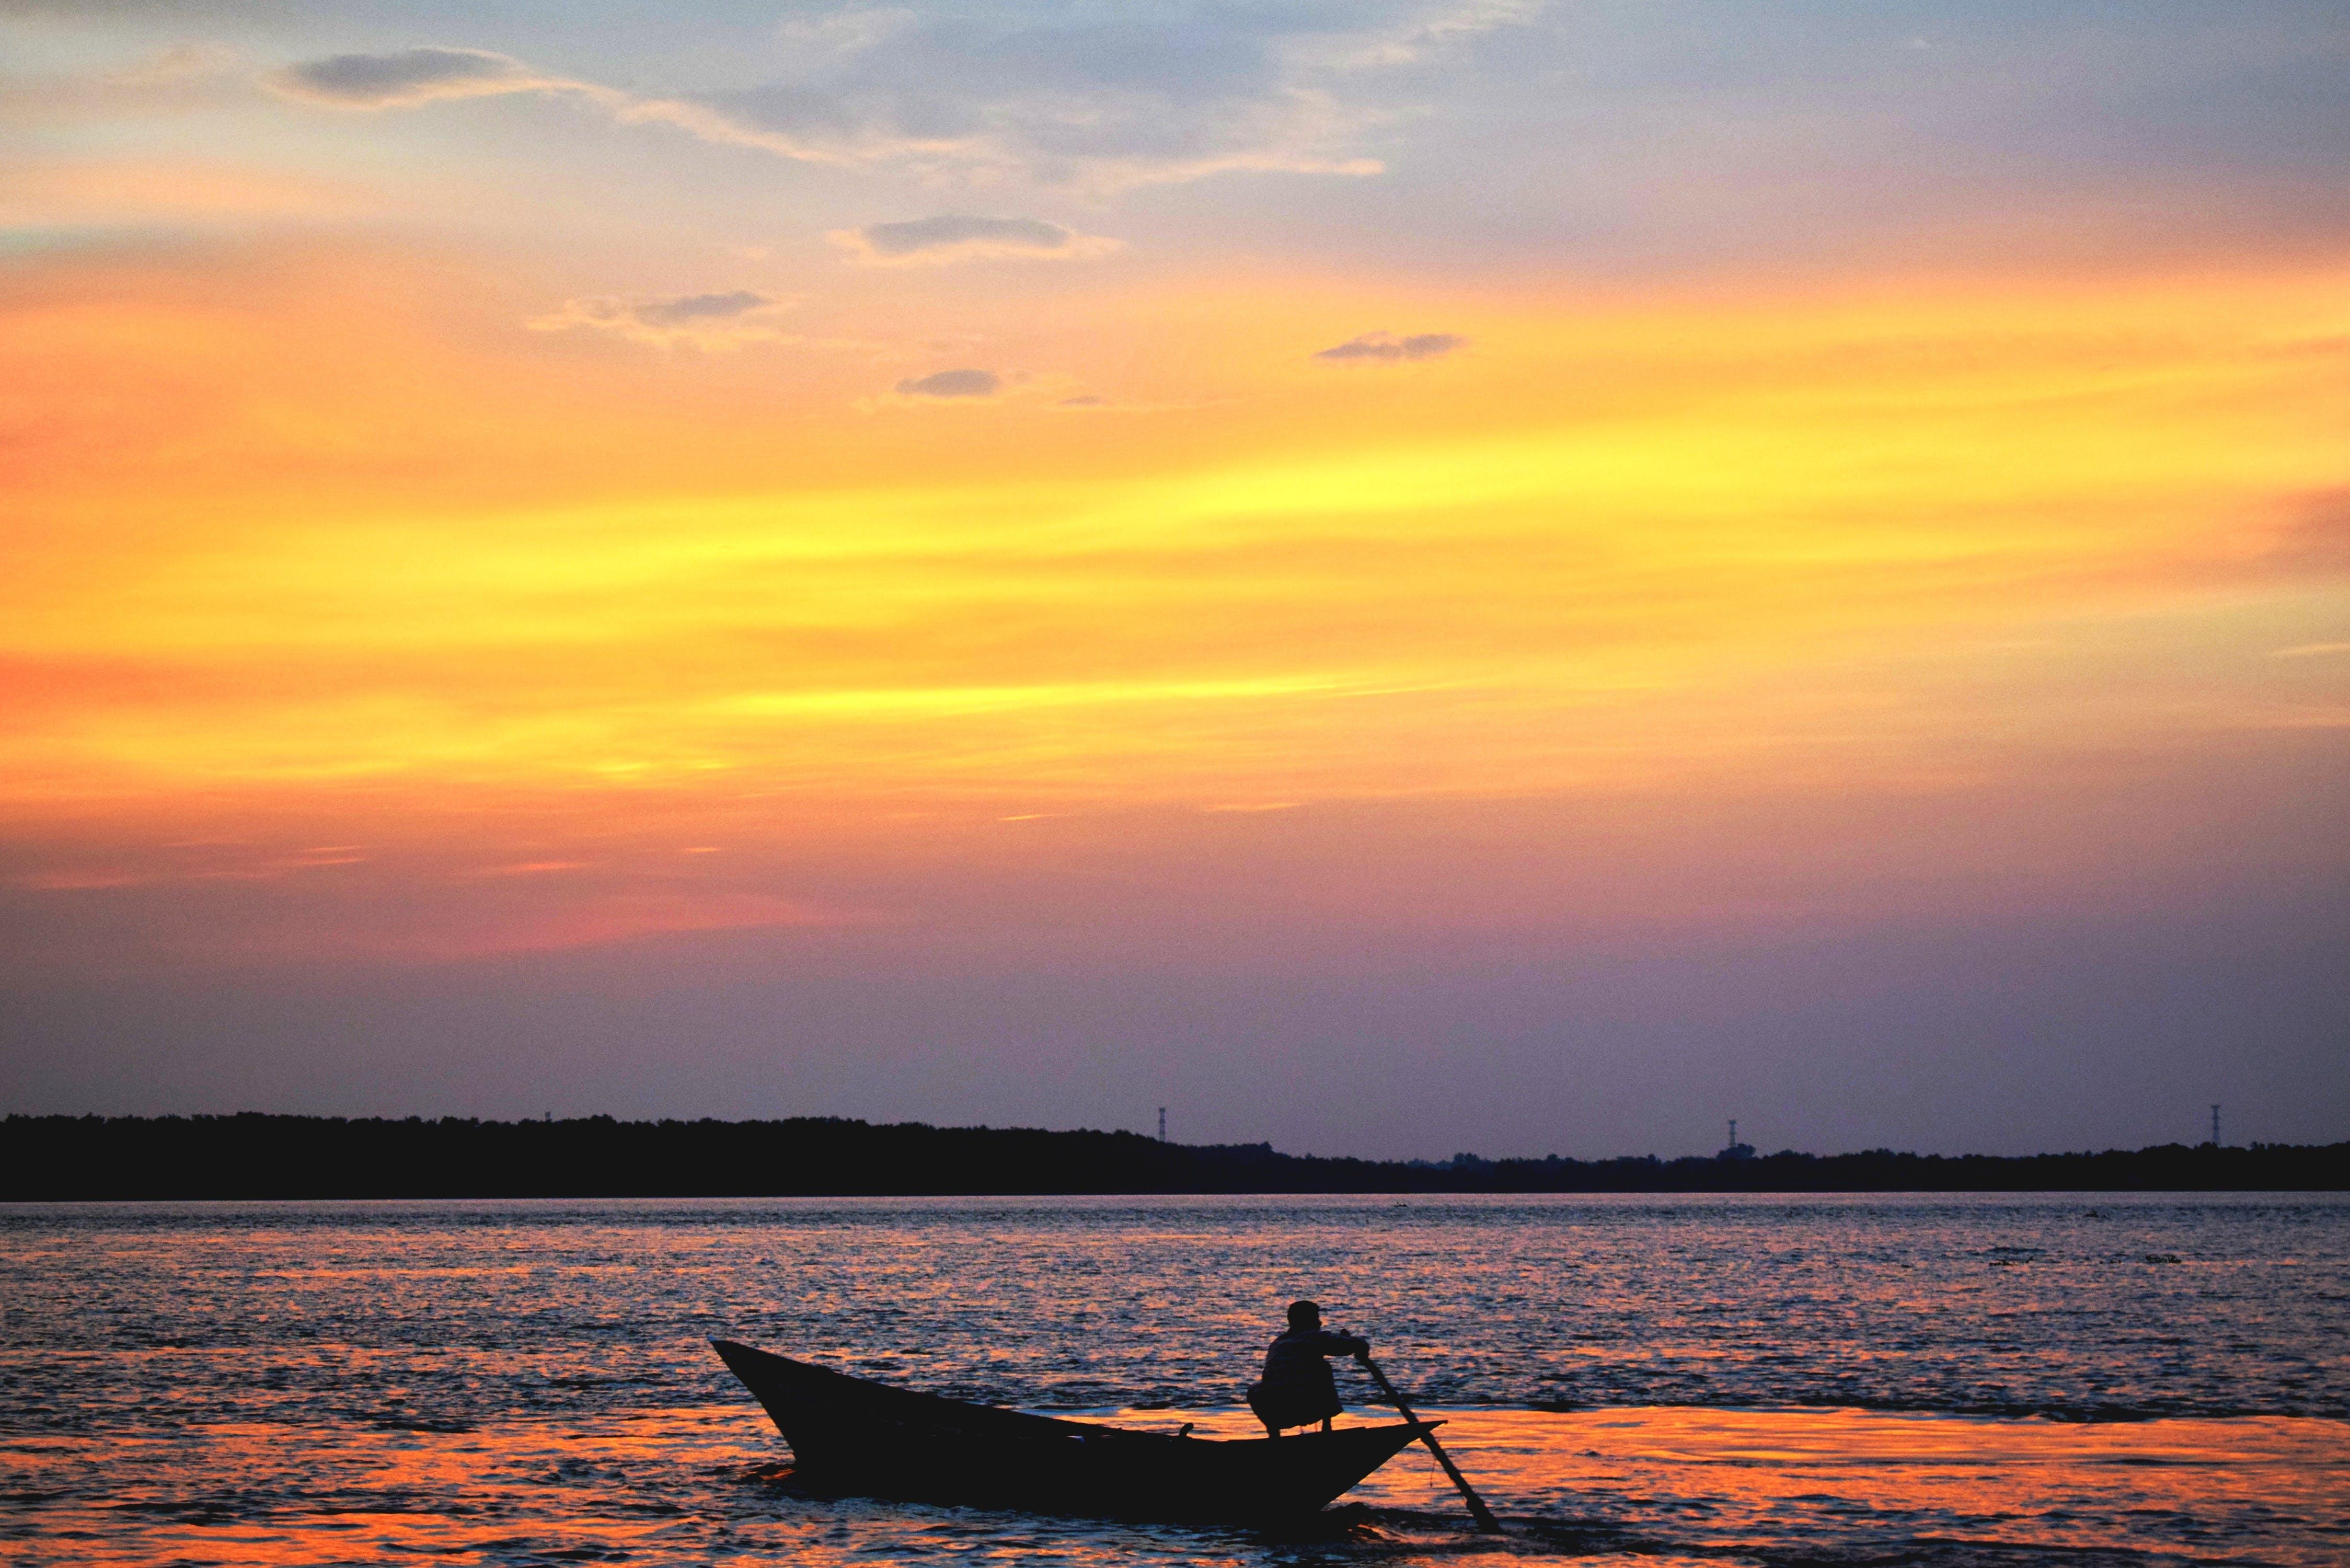 Безкоштовне стокове фото на тему «вода, Водний транспорт, Захід сонця, мальовничий»